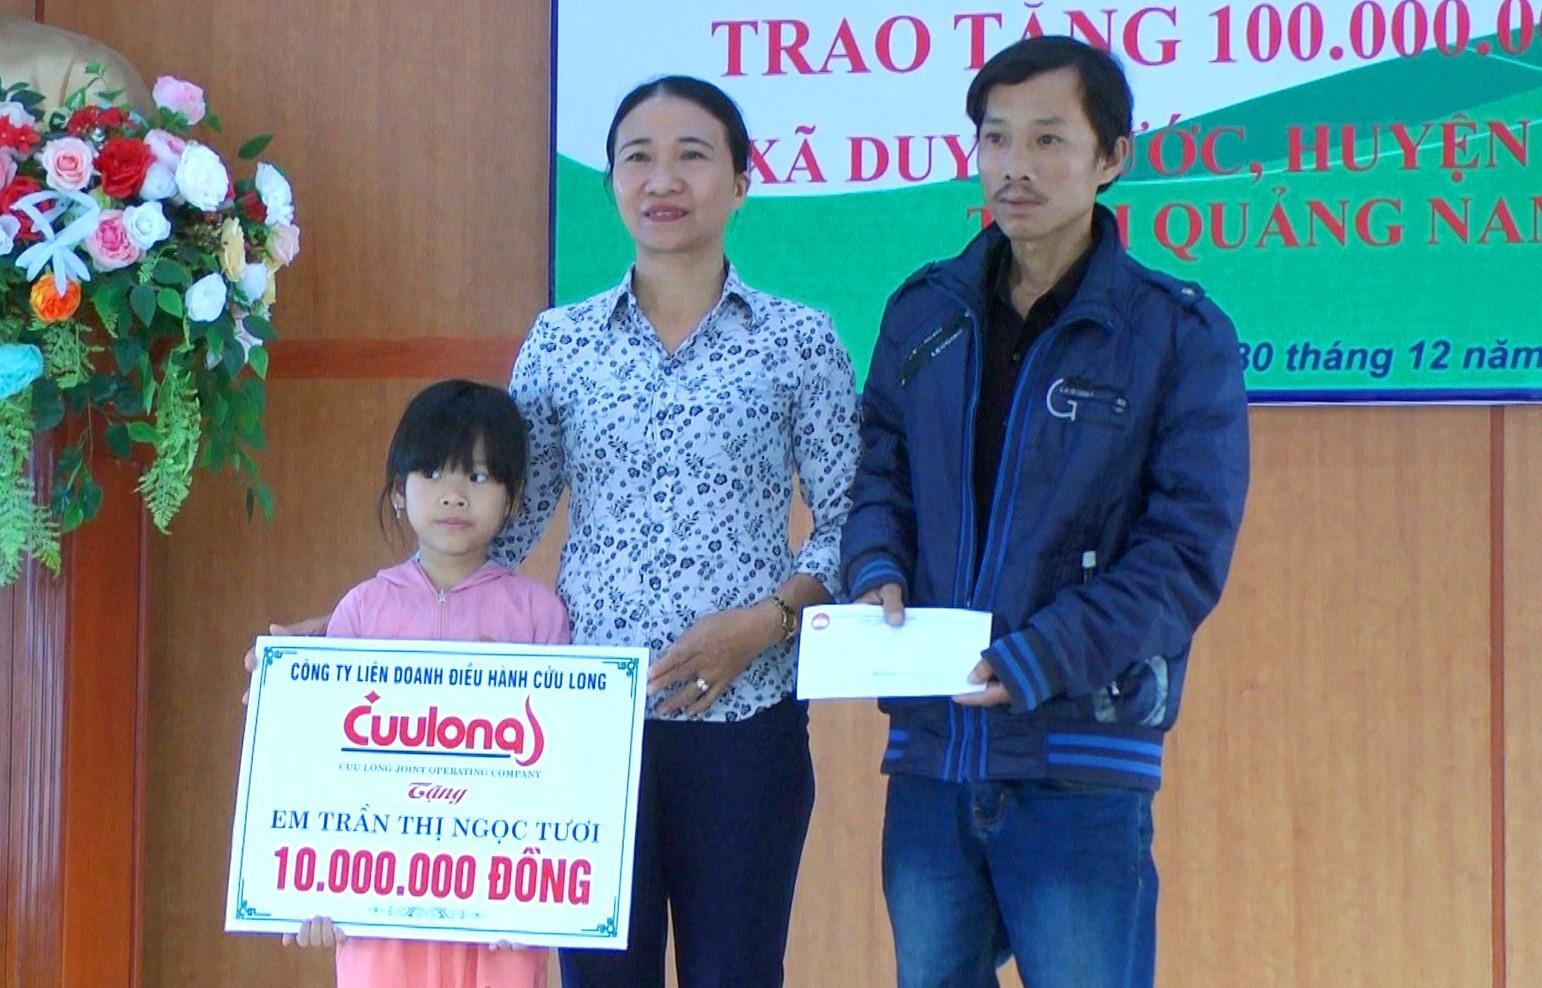 Trao sổ tiết kiệm trị giá 10 triệu đồng cho em Trần Thị Ngọc Tươi. Ảnh: T.P